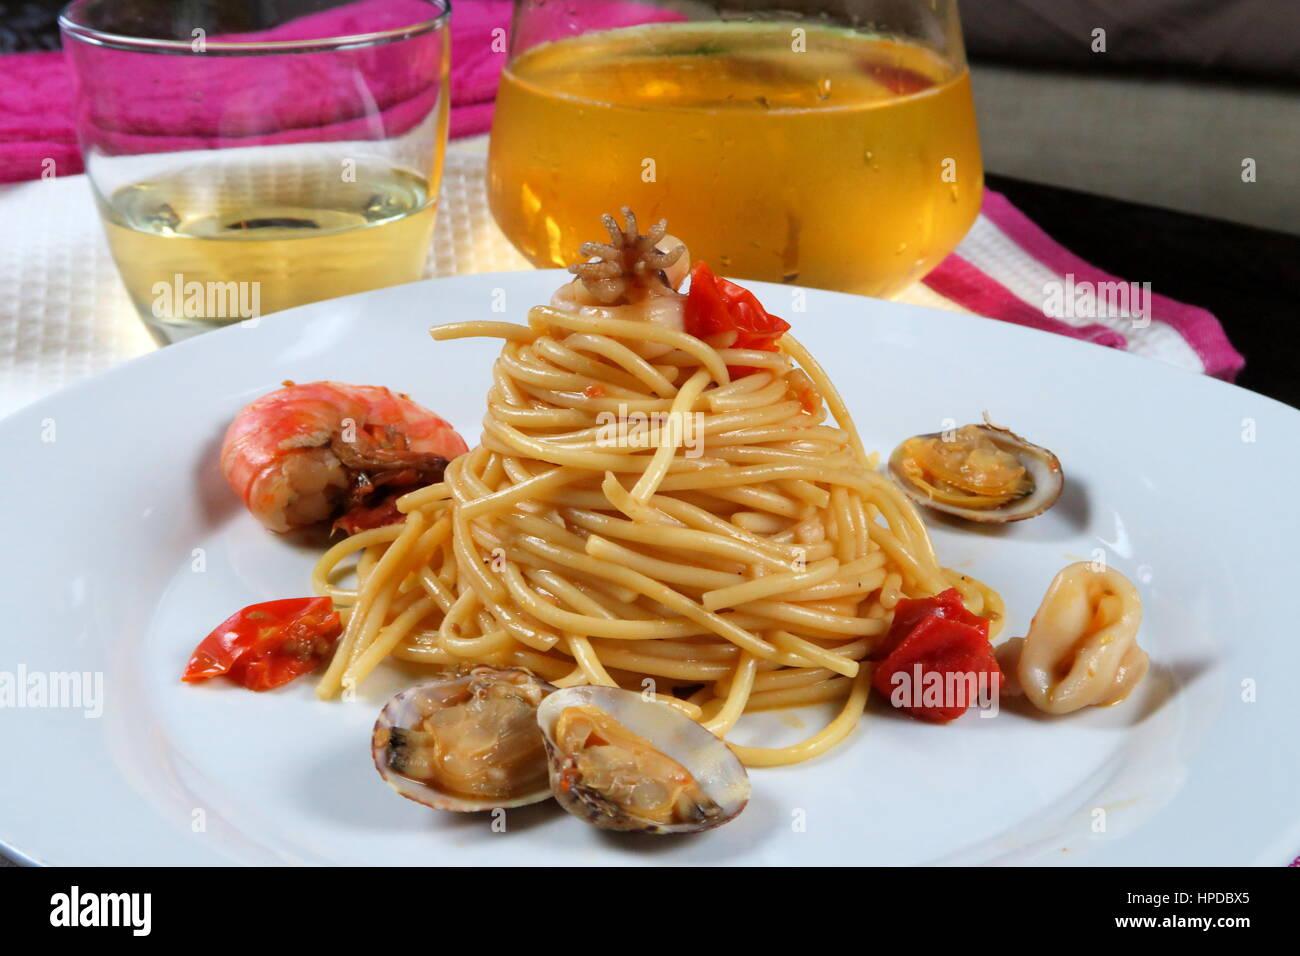 Piatti Da Cucina Colorati | Cucina Moderna App Ranking And Store ...